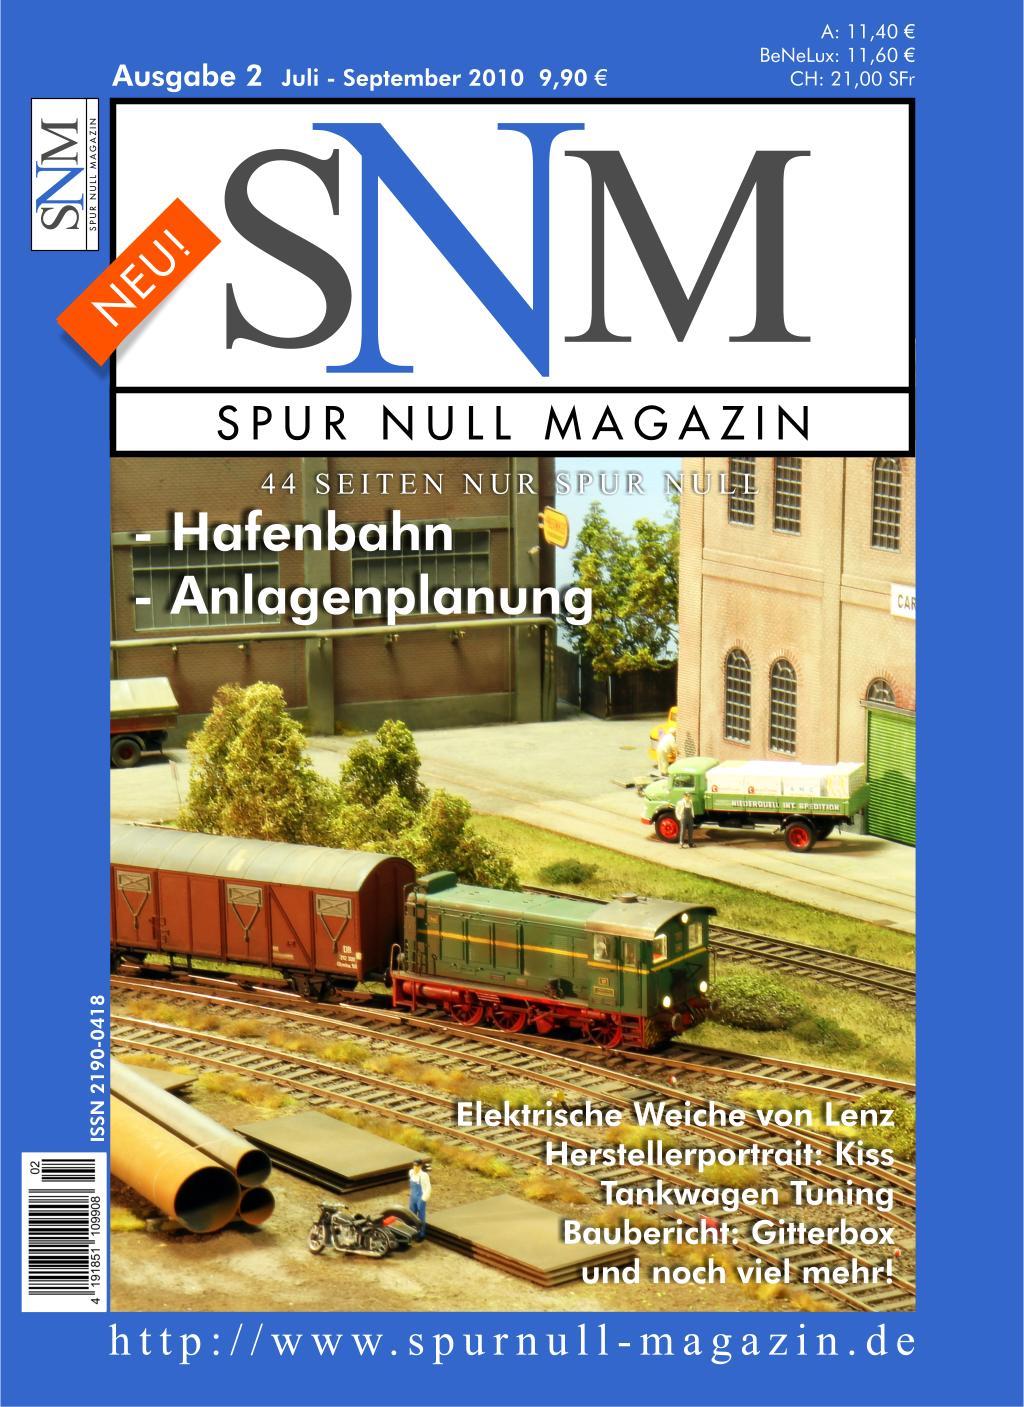 Spur Null Magazin Ausgabe 2 - Juli 2010